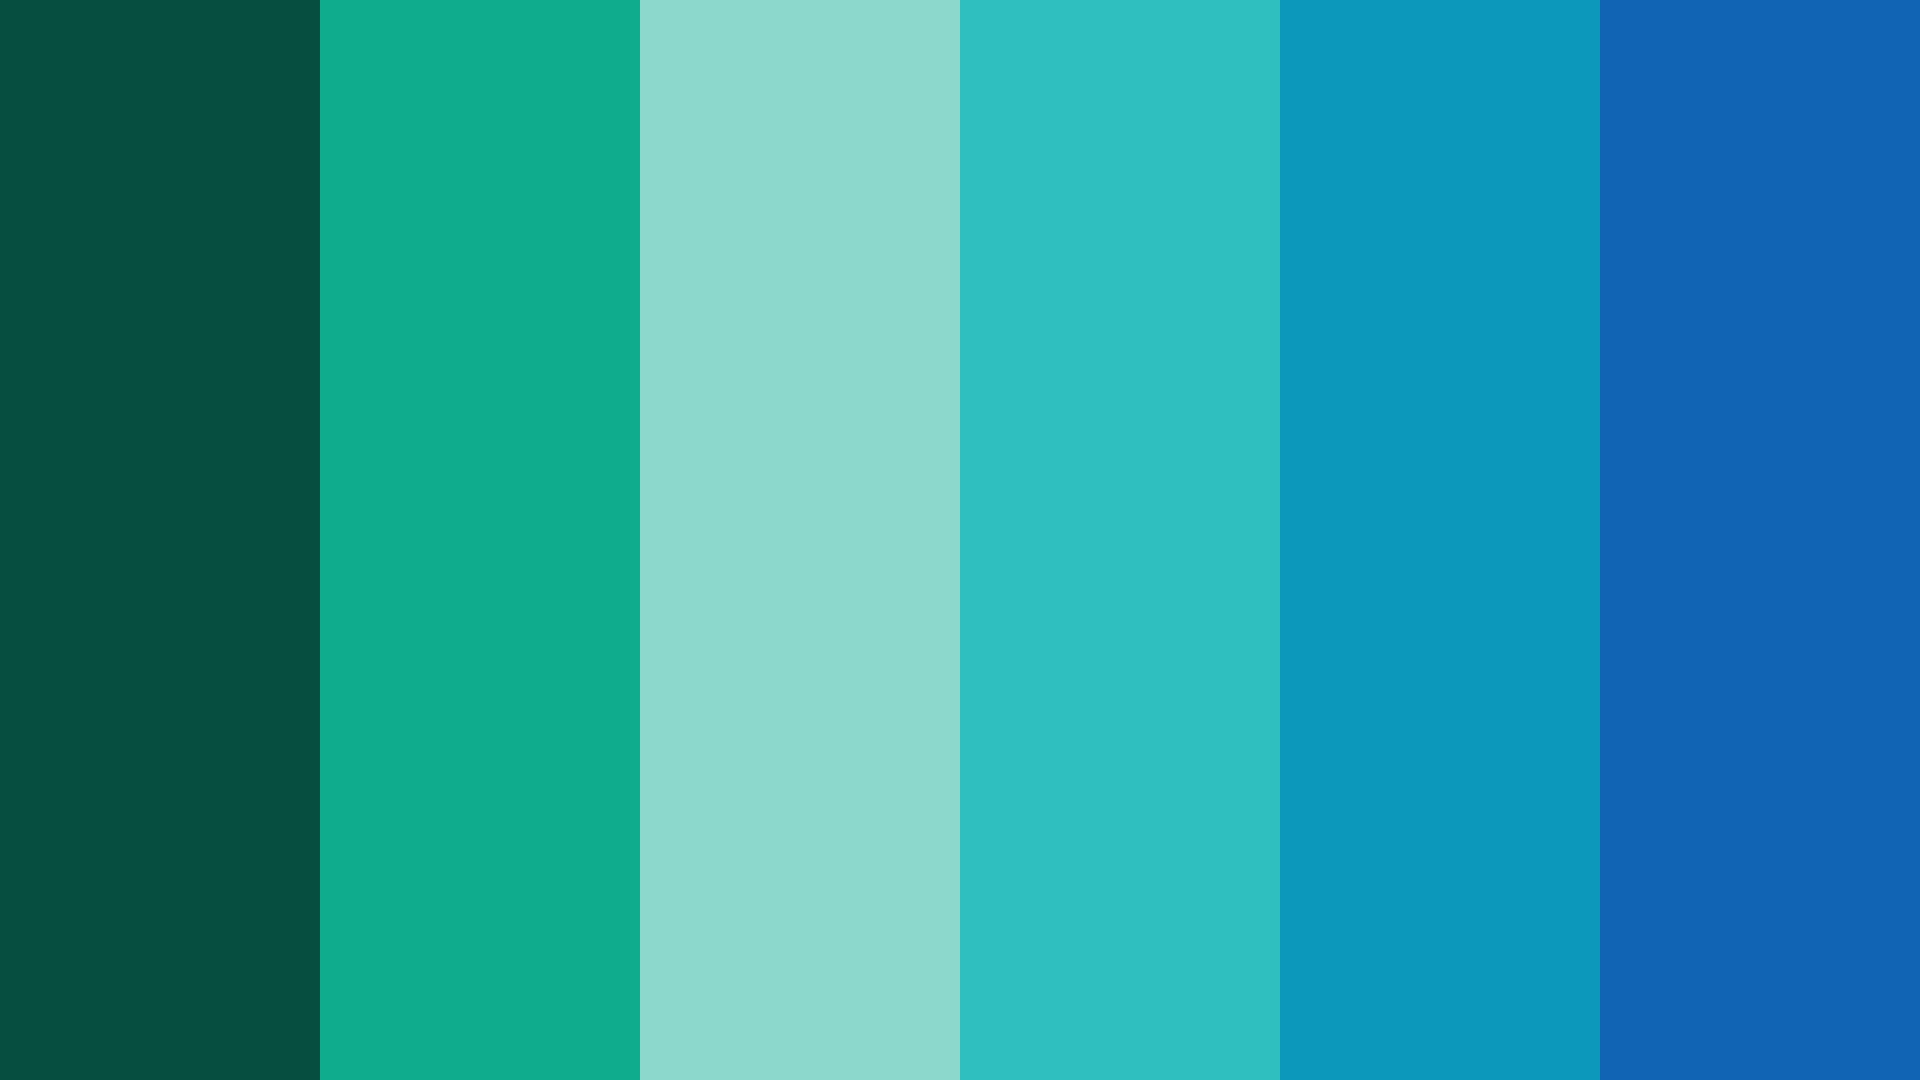 Ocean Blue Green Color Scheme » Blue » SchemeColor.com